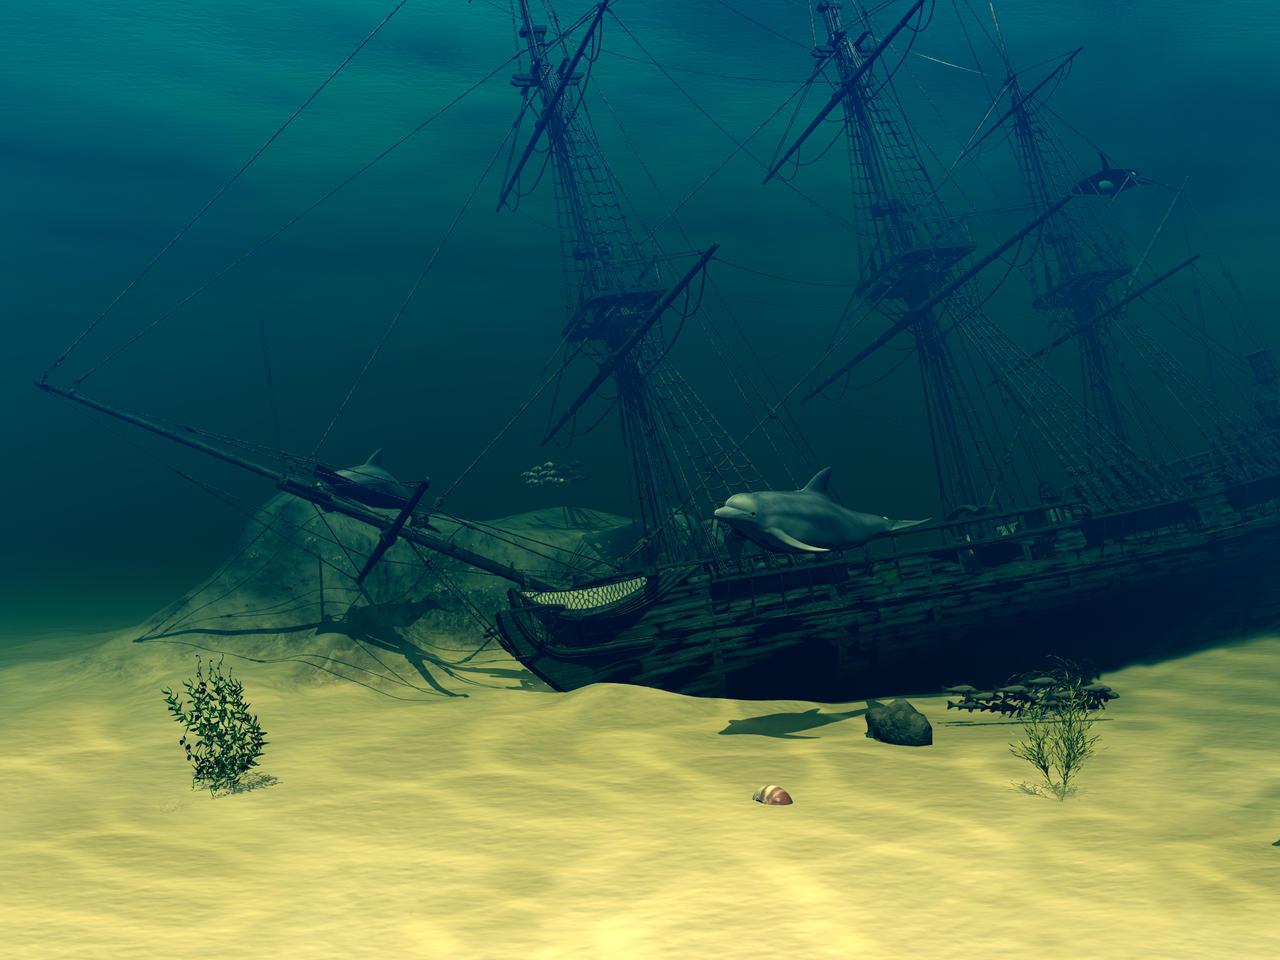 Sunken Ship by Moonchilde-Stock